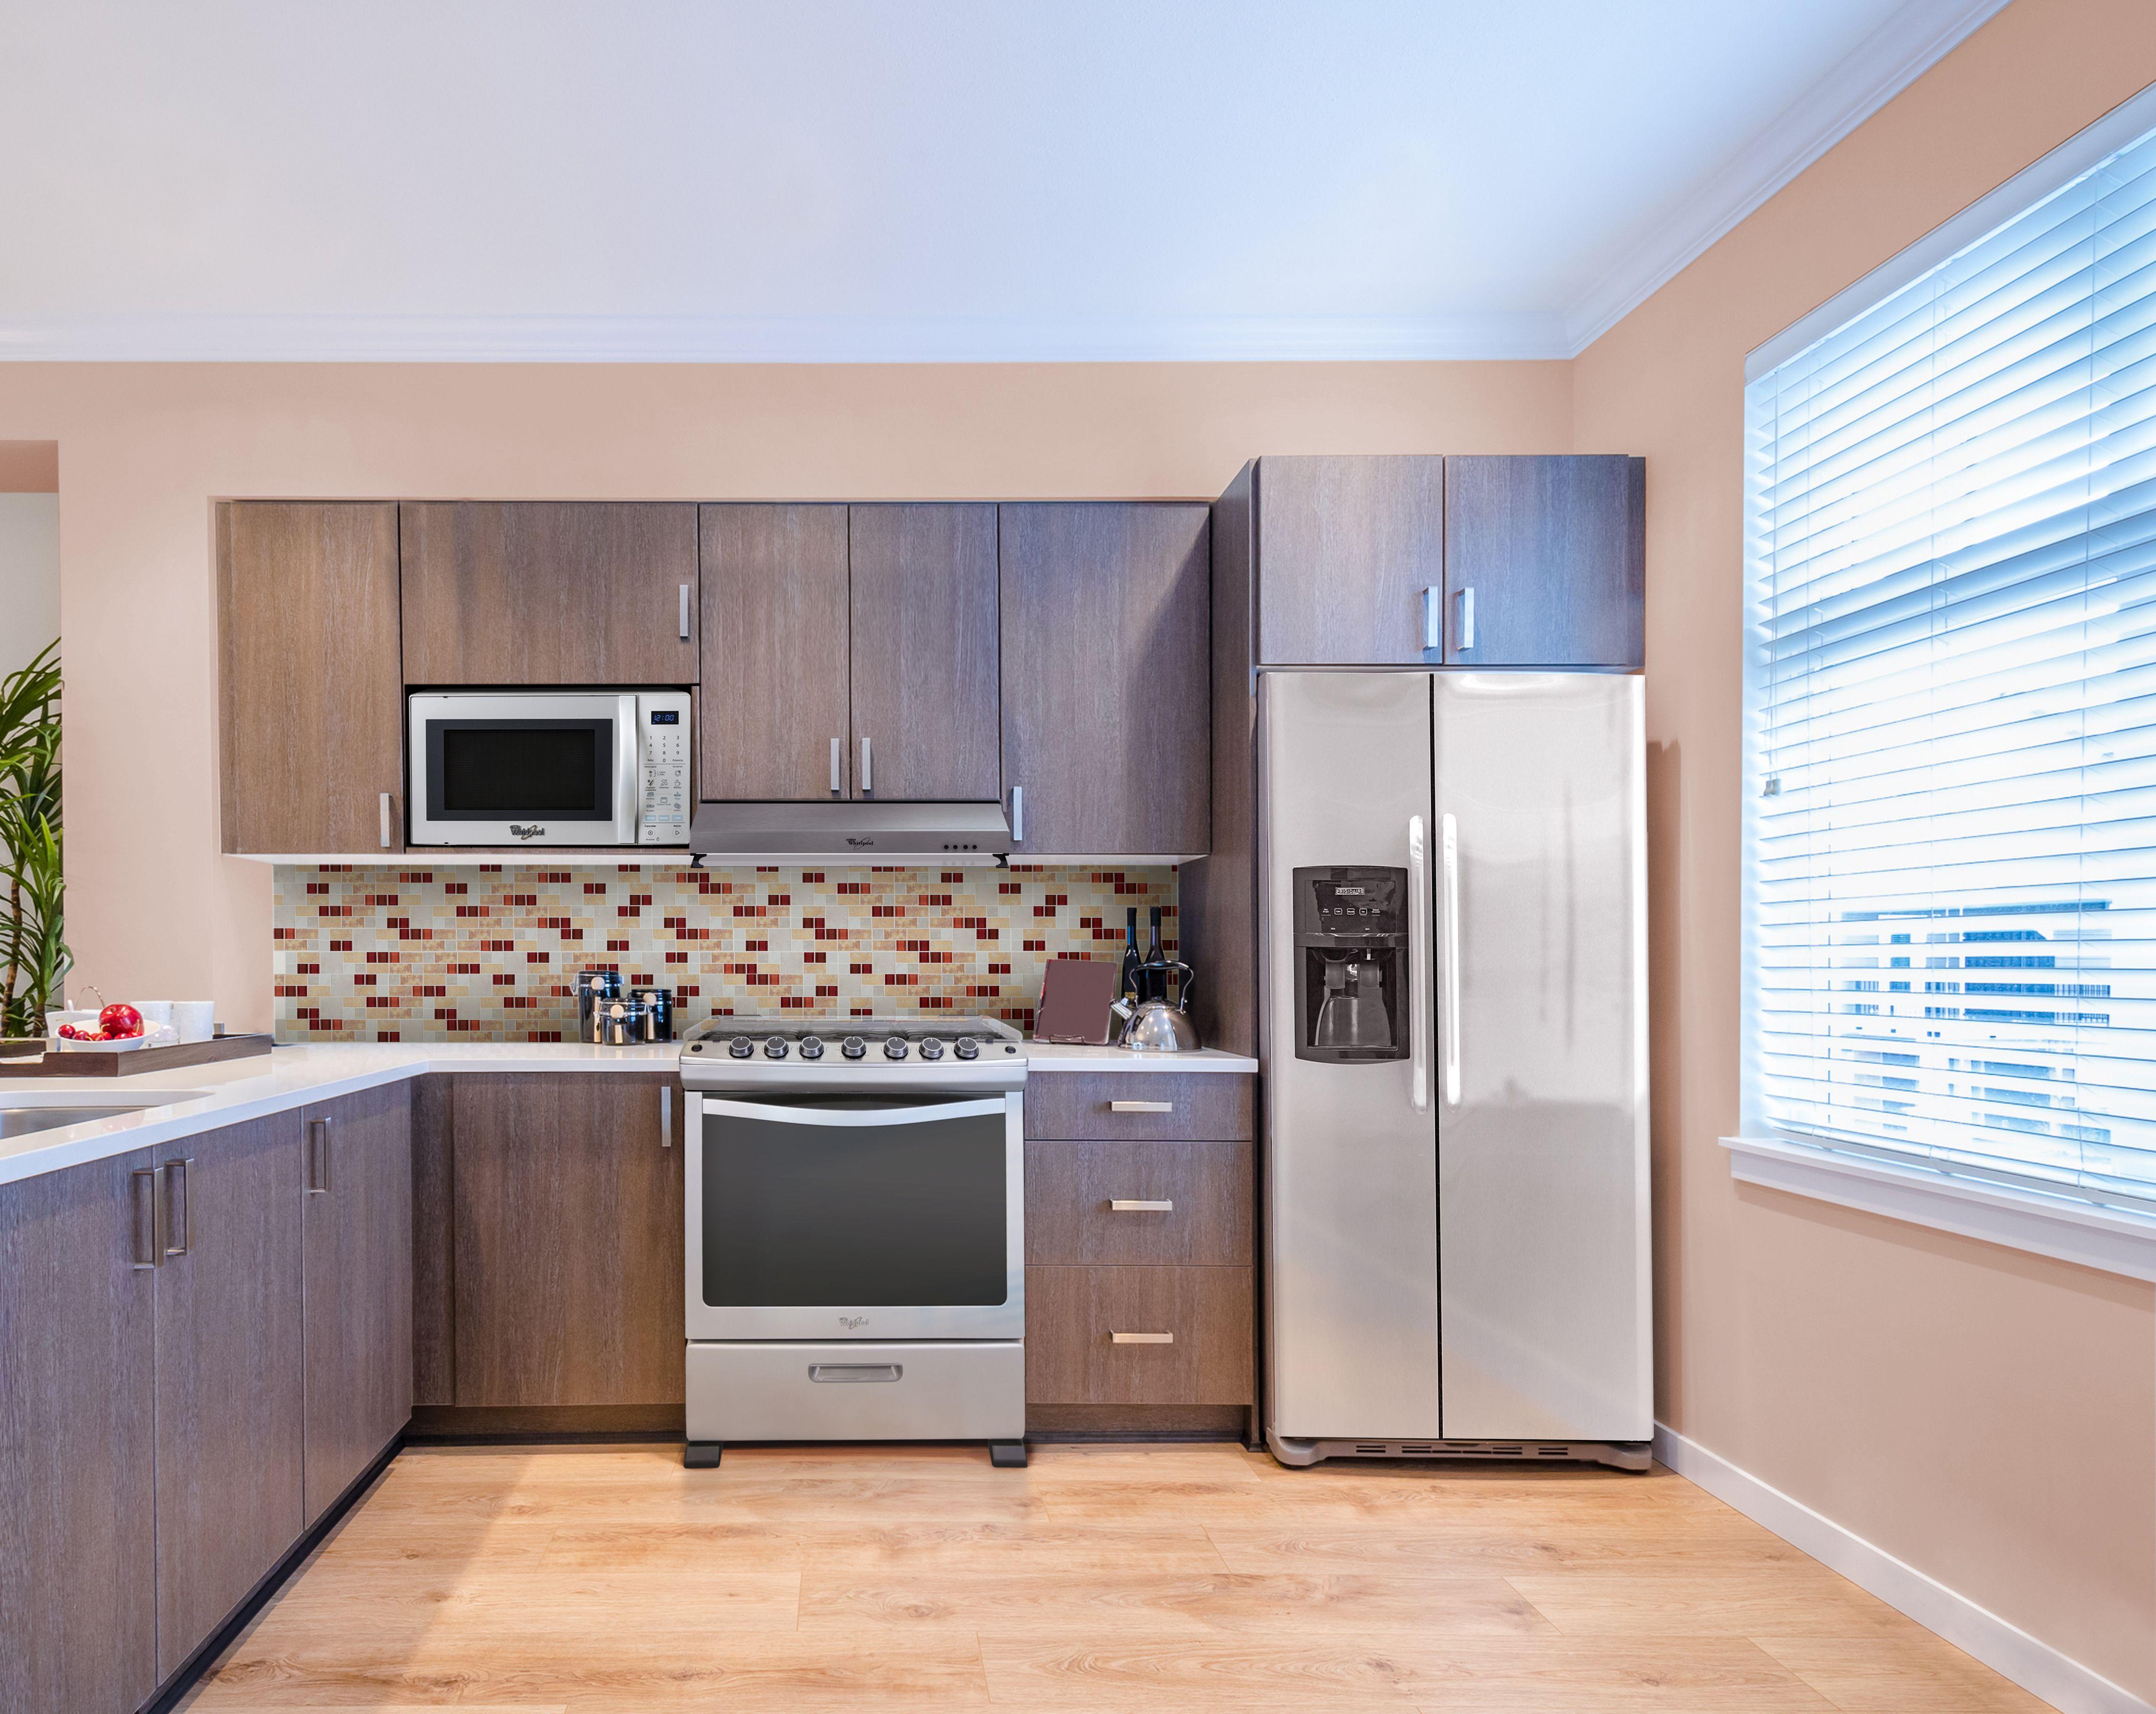 Dise a tu cocina en linea casa dise o for Disena tu cocina